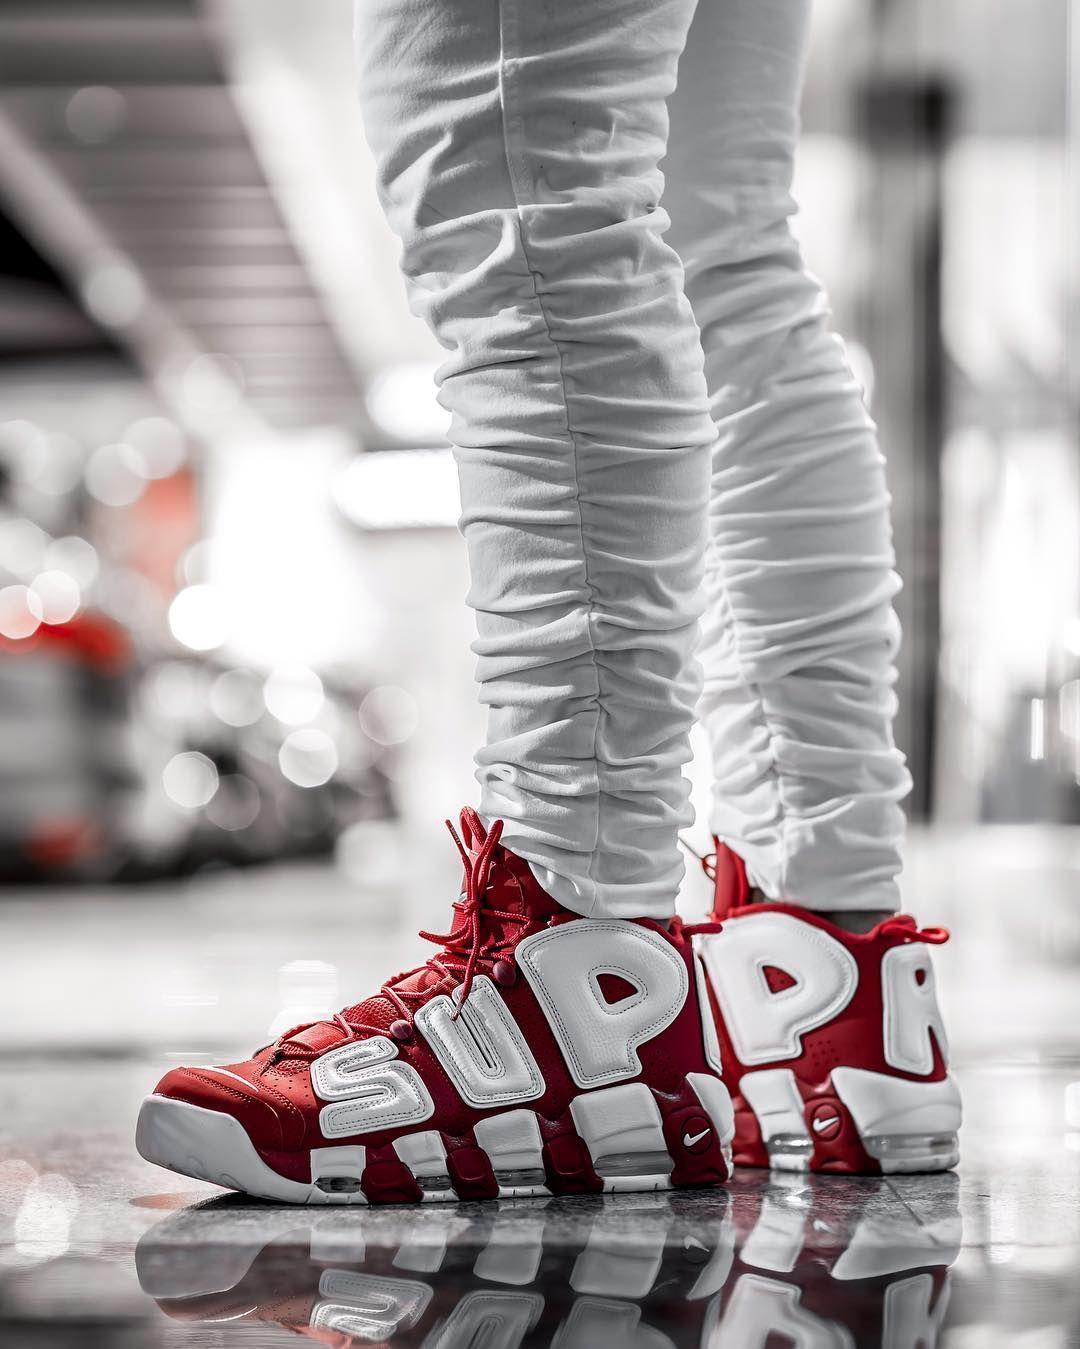 Supreme X Nike Air More Uptempo U0026quot;Suptempou0026quot; From Godlinessonline.com #nike #supreme # ...